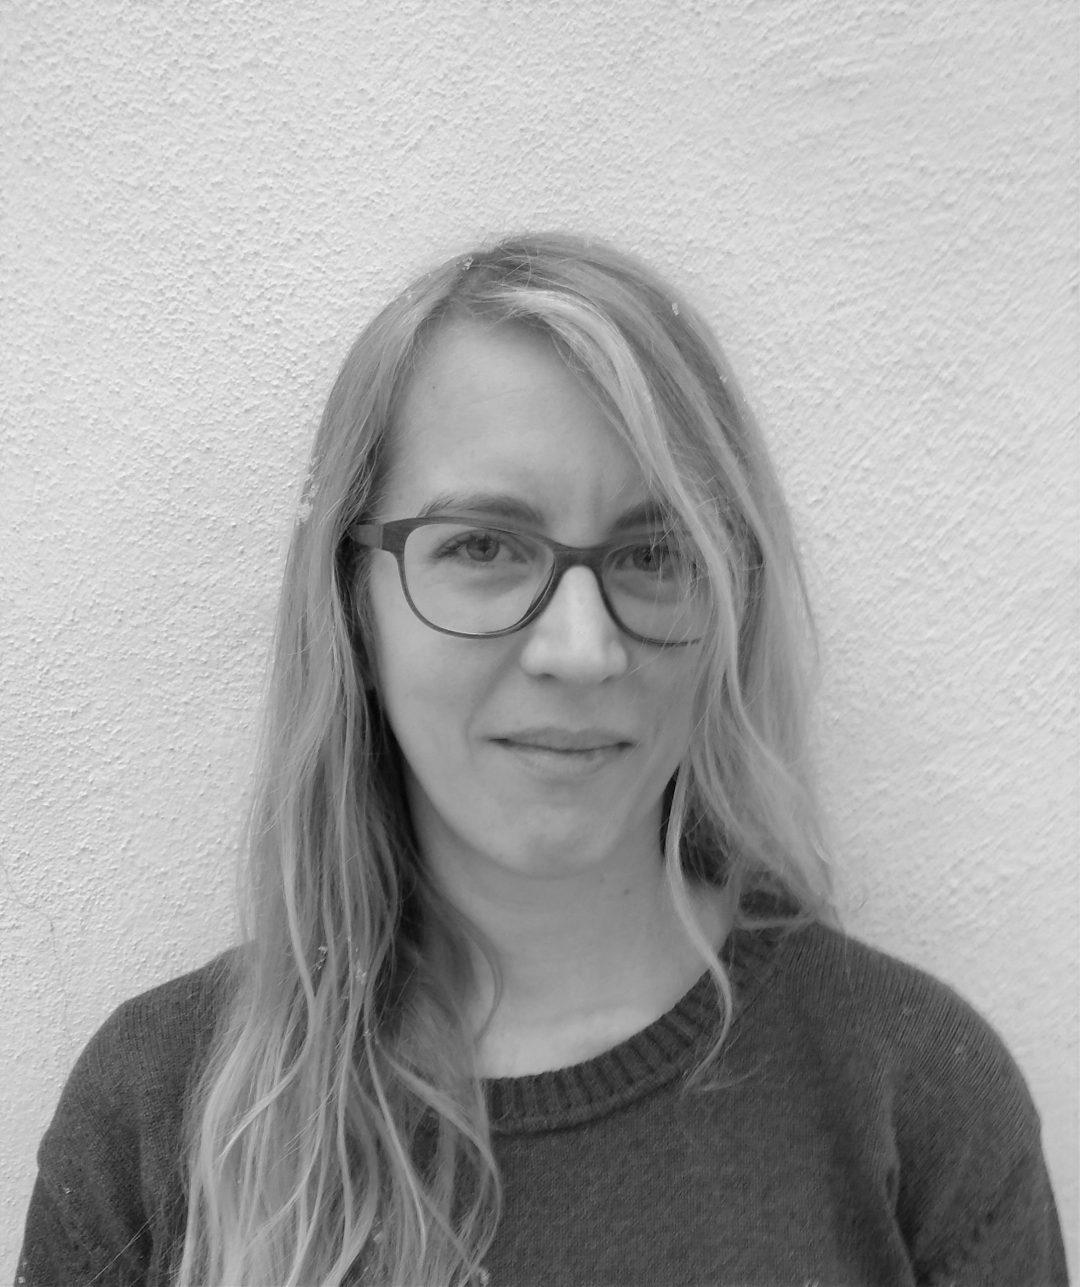 Stefanie Wagner